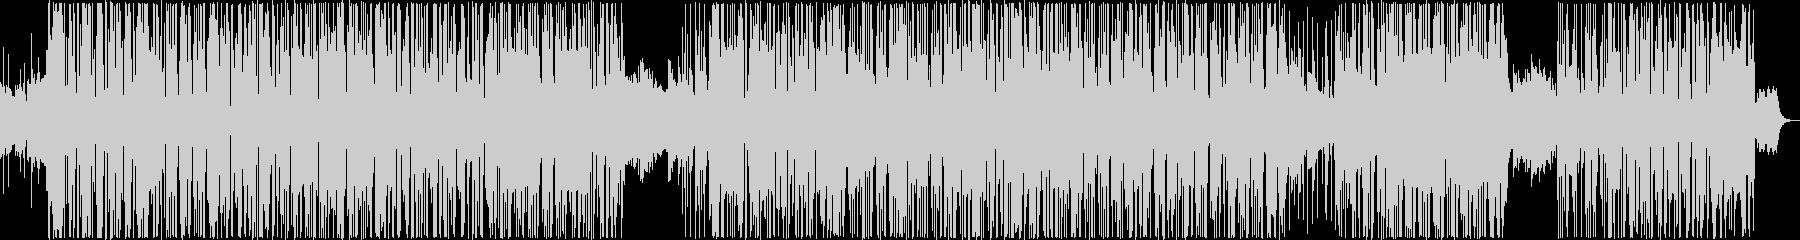 幻想的なBGMですの未再生の波形